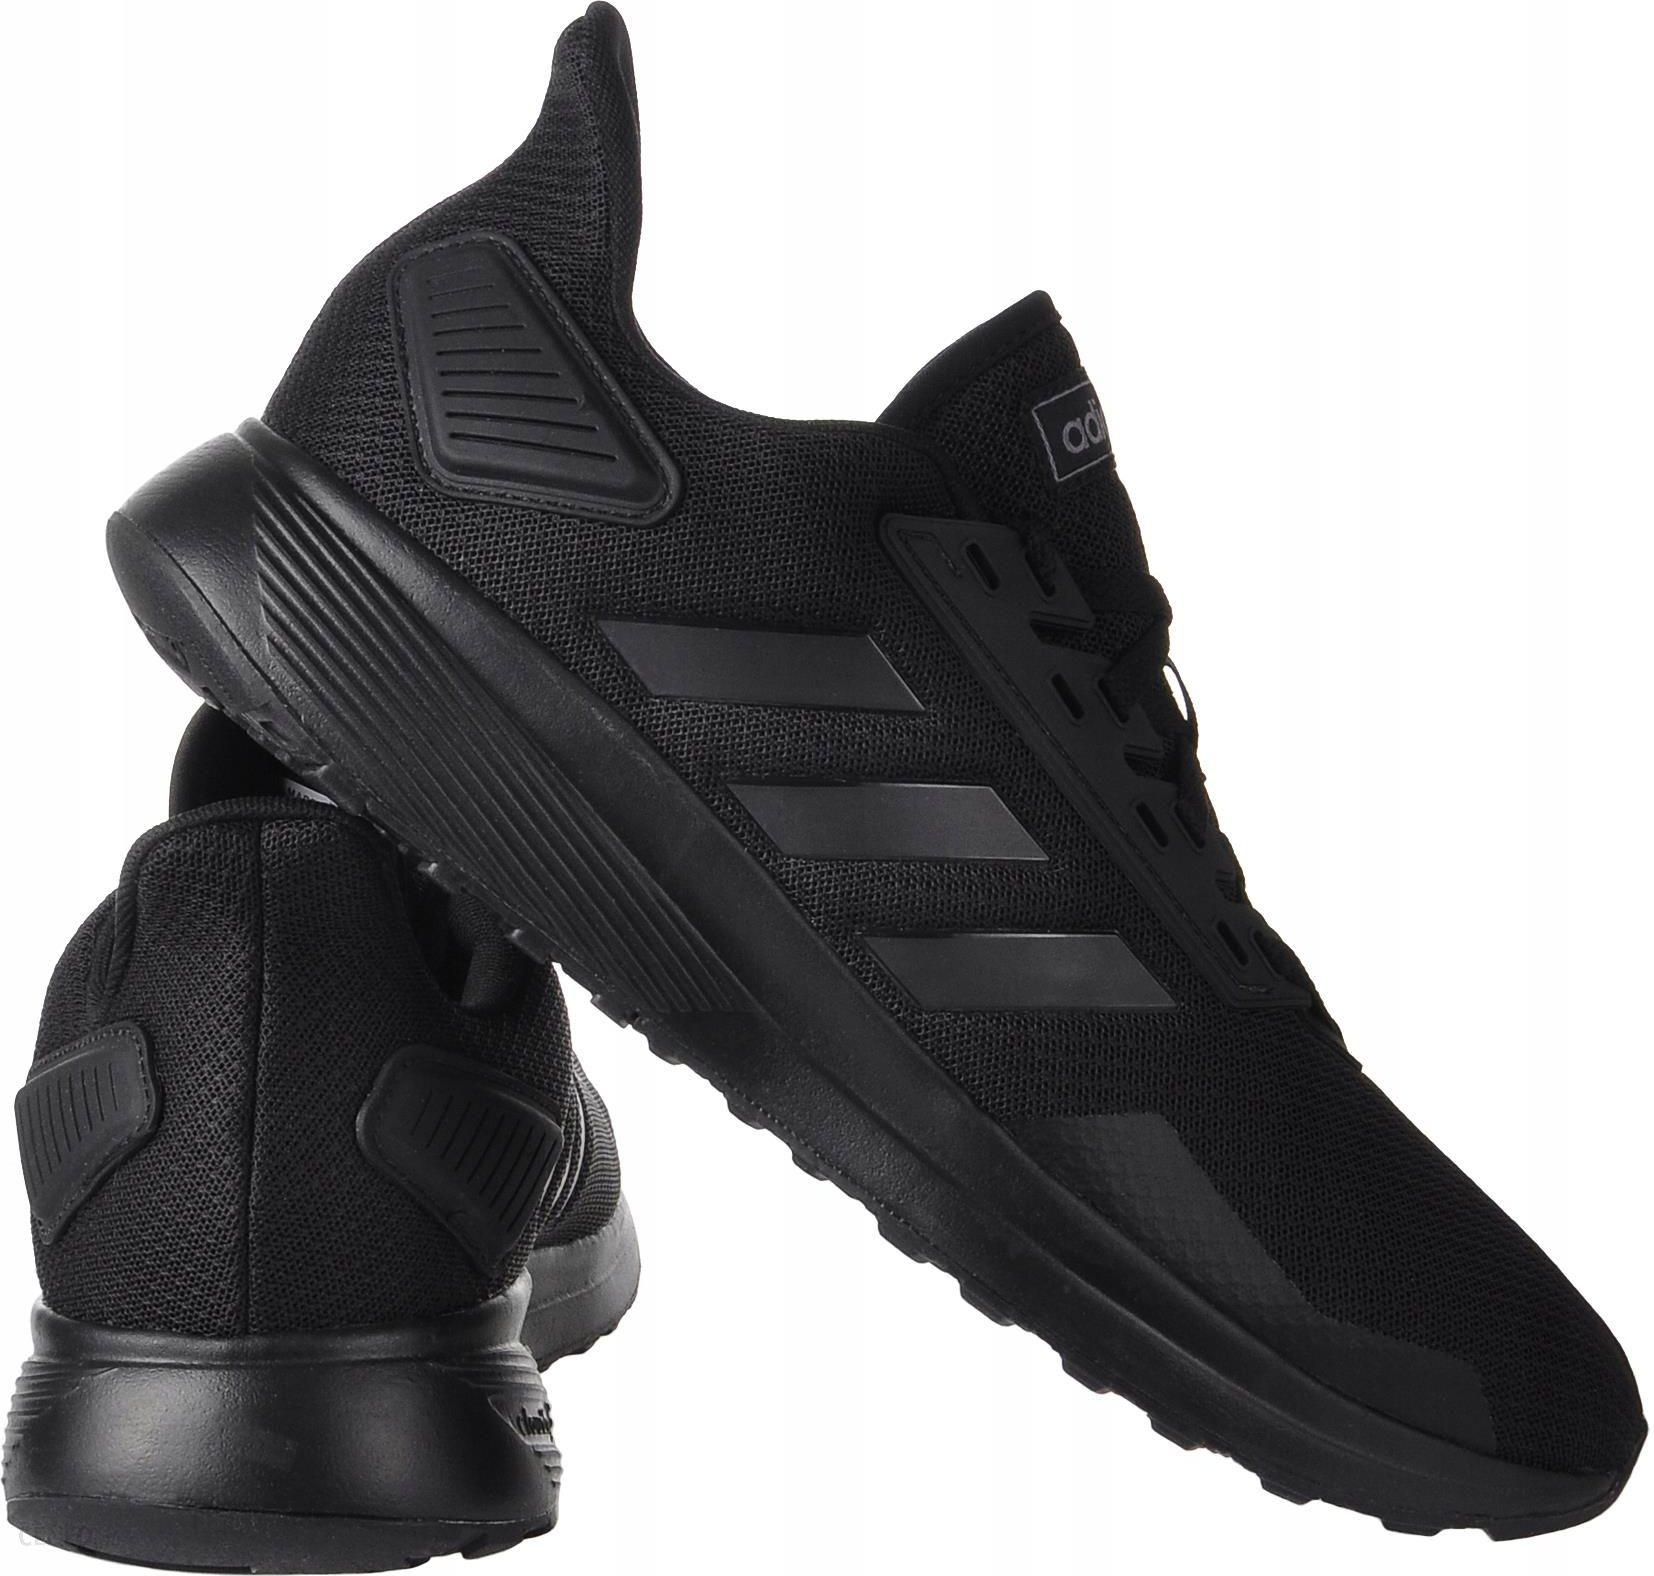 Buty męskie Adidas Duramo 9 B96578 Czarne r.48 Ceny i opinie Ceneo.pl